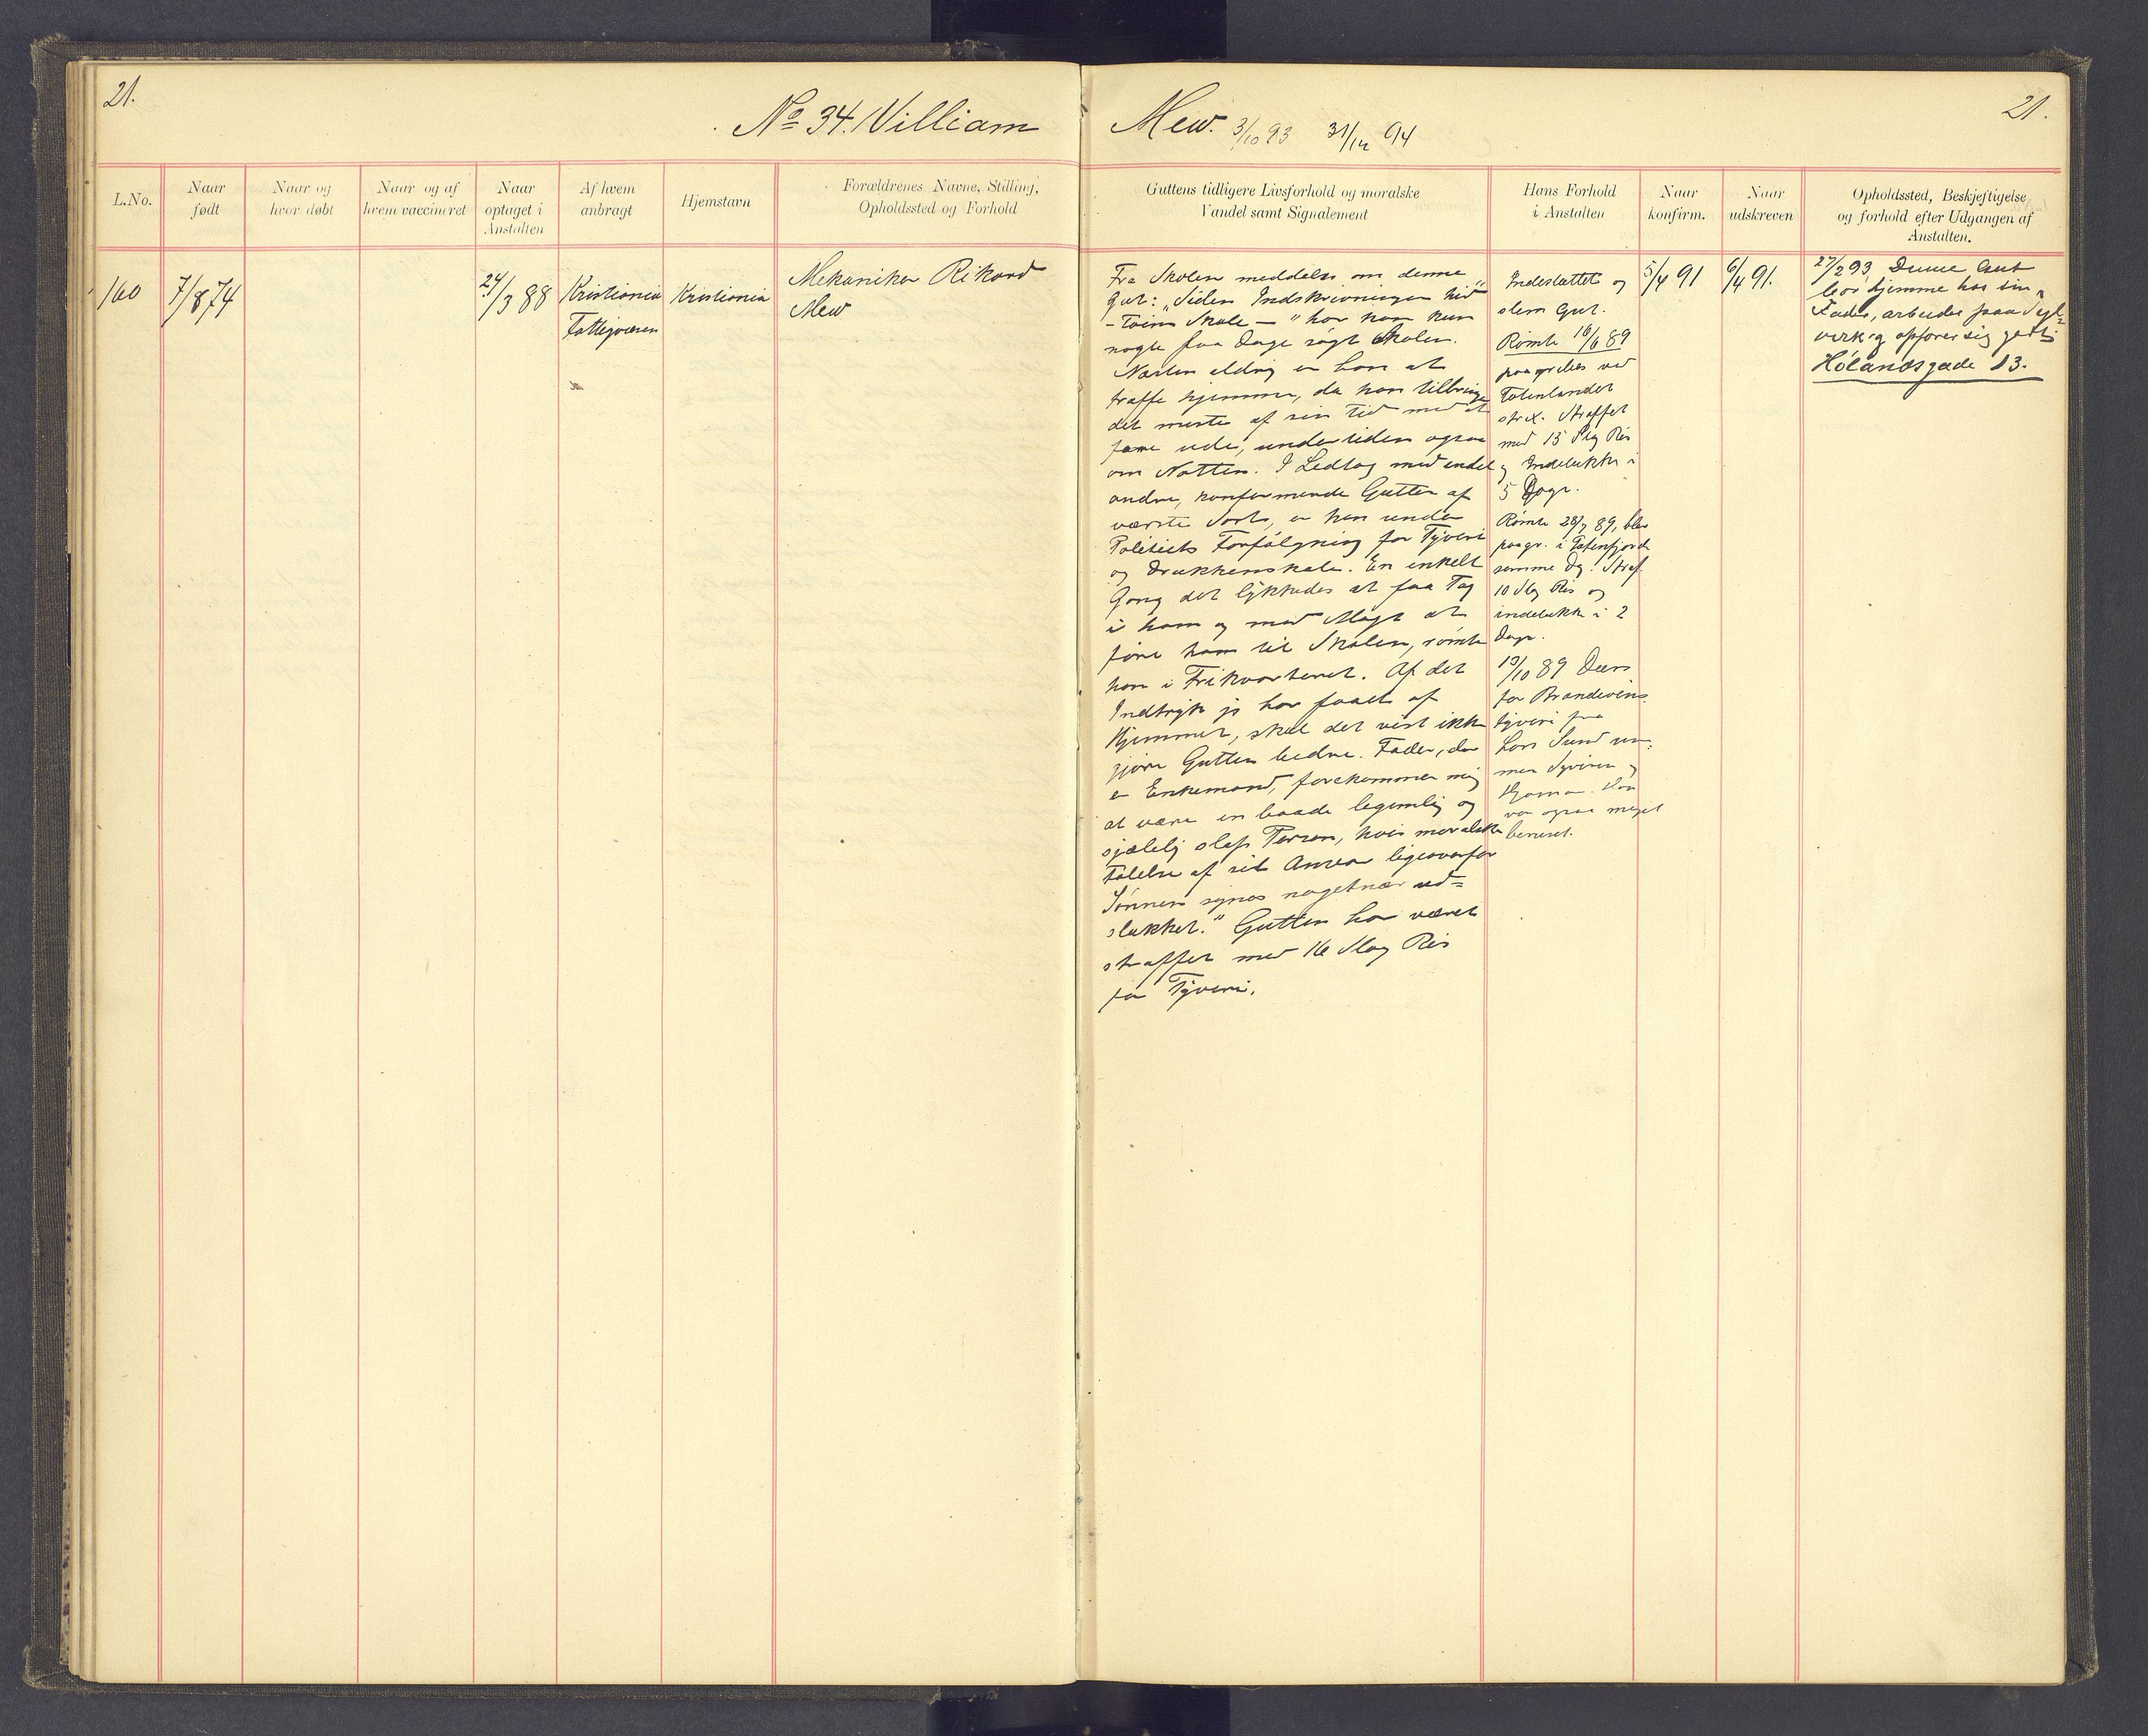 SAH, Toftes Gave, F/Fc/L0004: Elevprotokoll, 1885-1897, s. 21